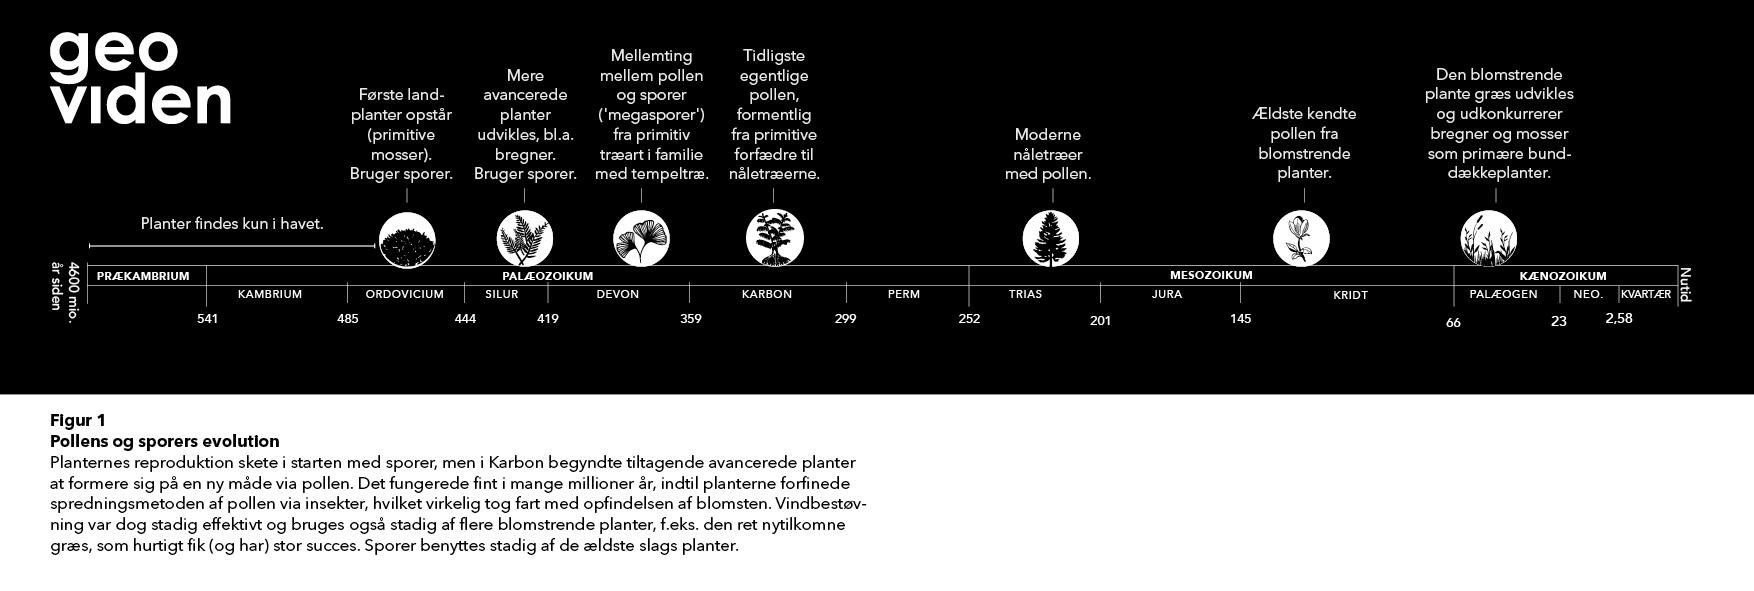 figur 1. pollen og sporers evolution